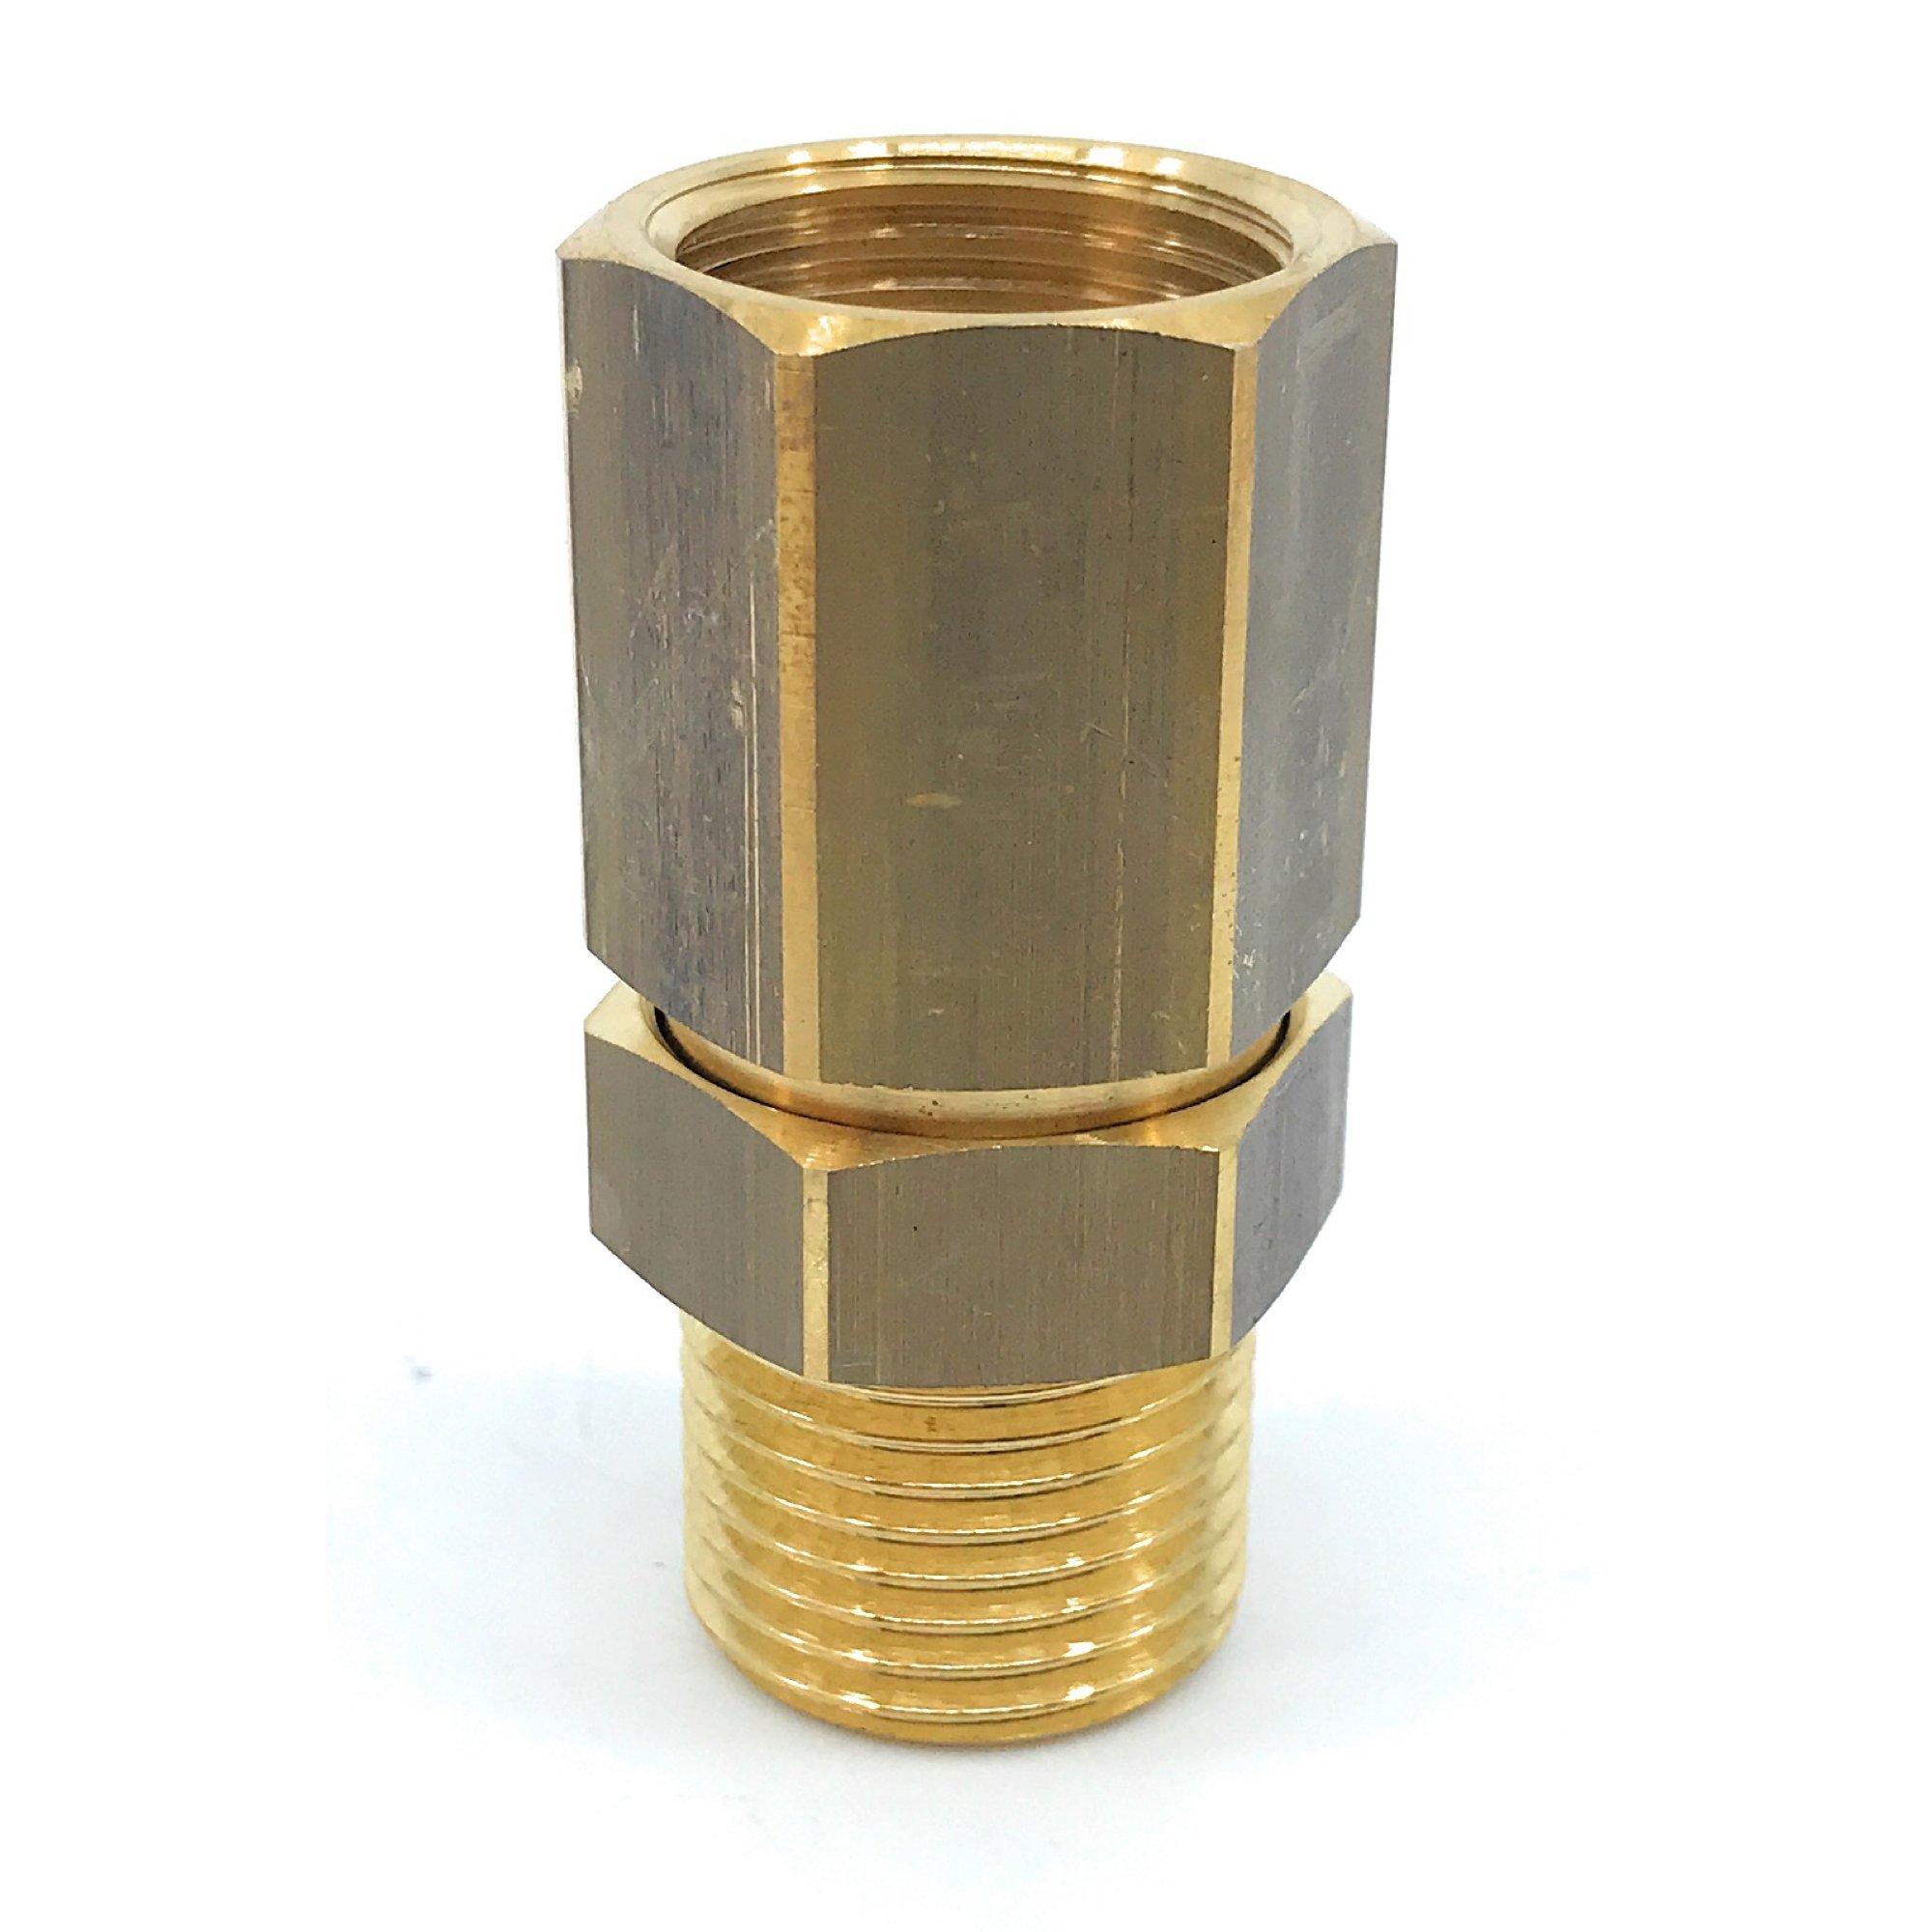 Suttner Drehgelenk ST 340, 1/2 Zoll IG - 1/2 Zoll AG, Messing, max. 220 bar, max. 90°C Drehgelenk 1/2IG-1/2AG ST-340 MS |